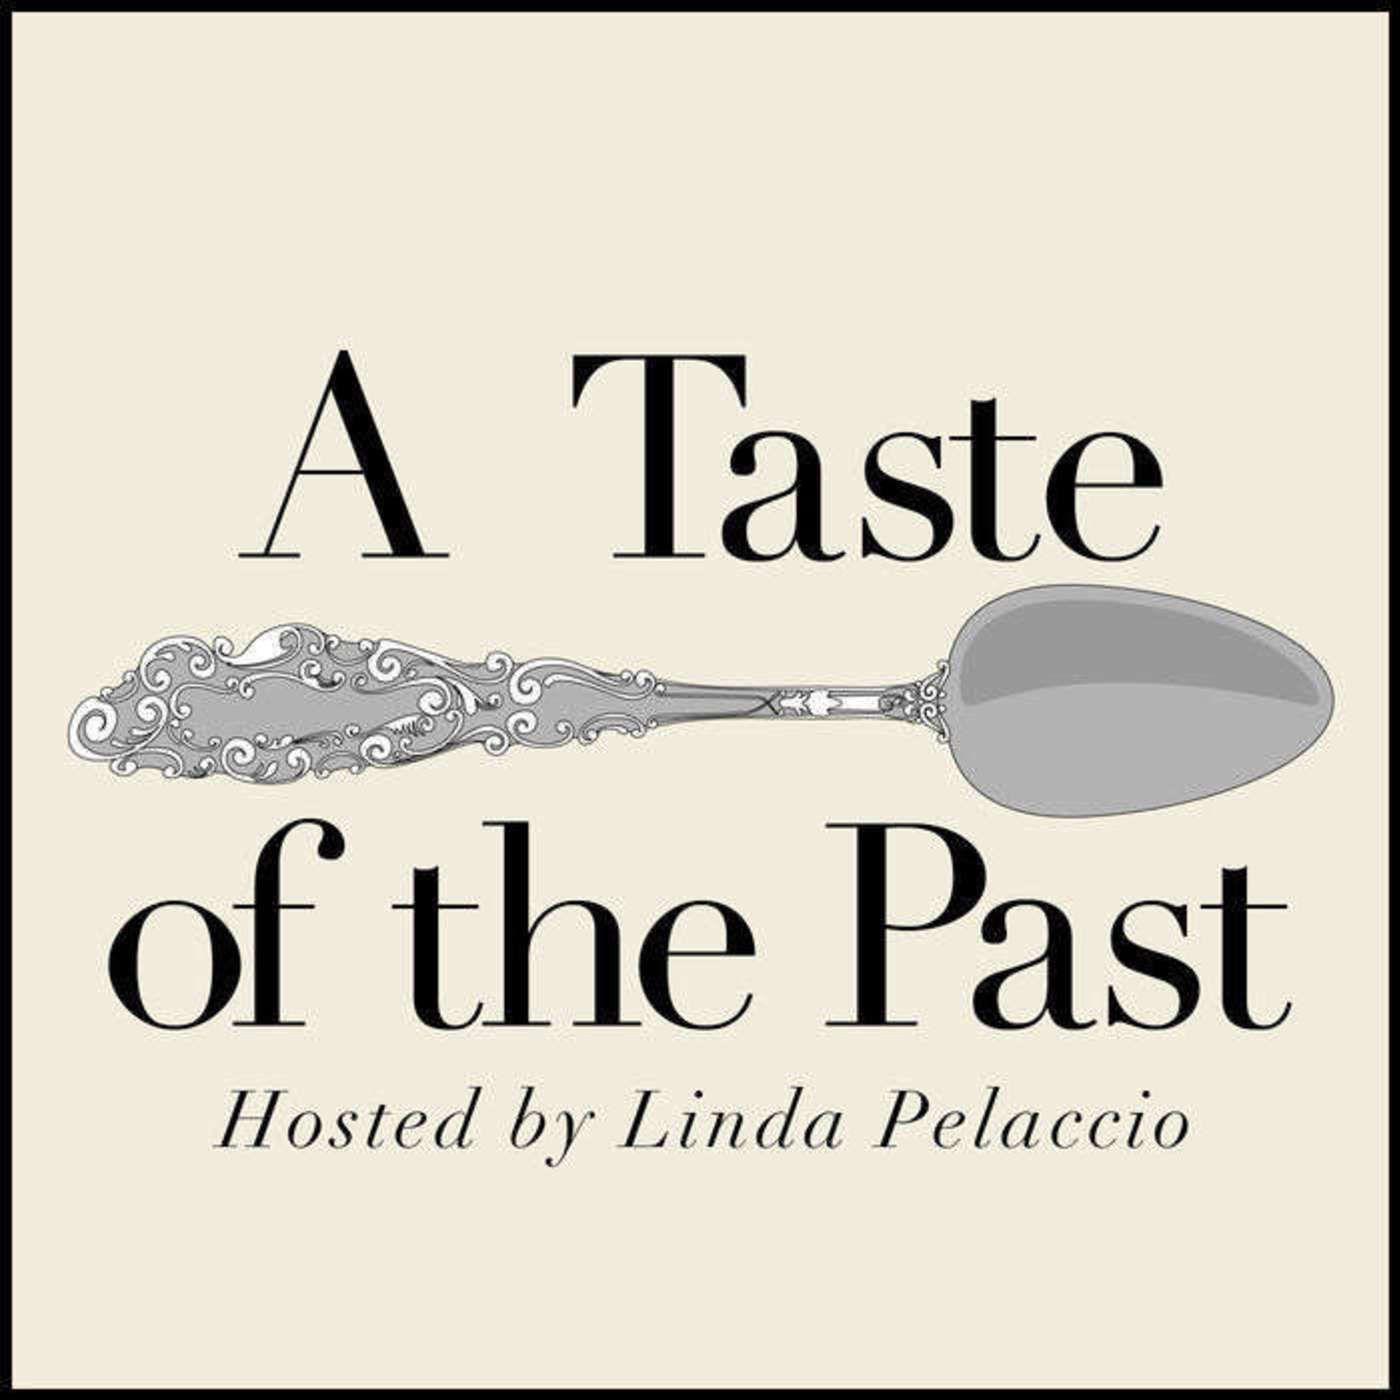 Episode 135: Lynne Olver & FoodTimeline.org